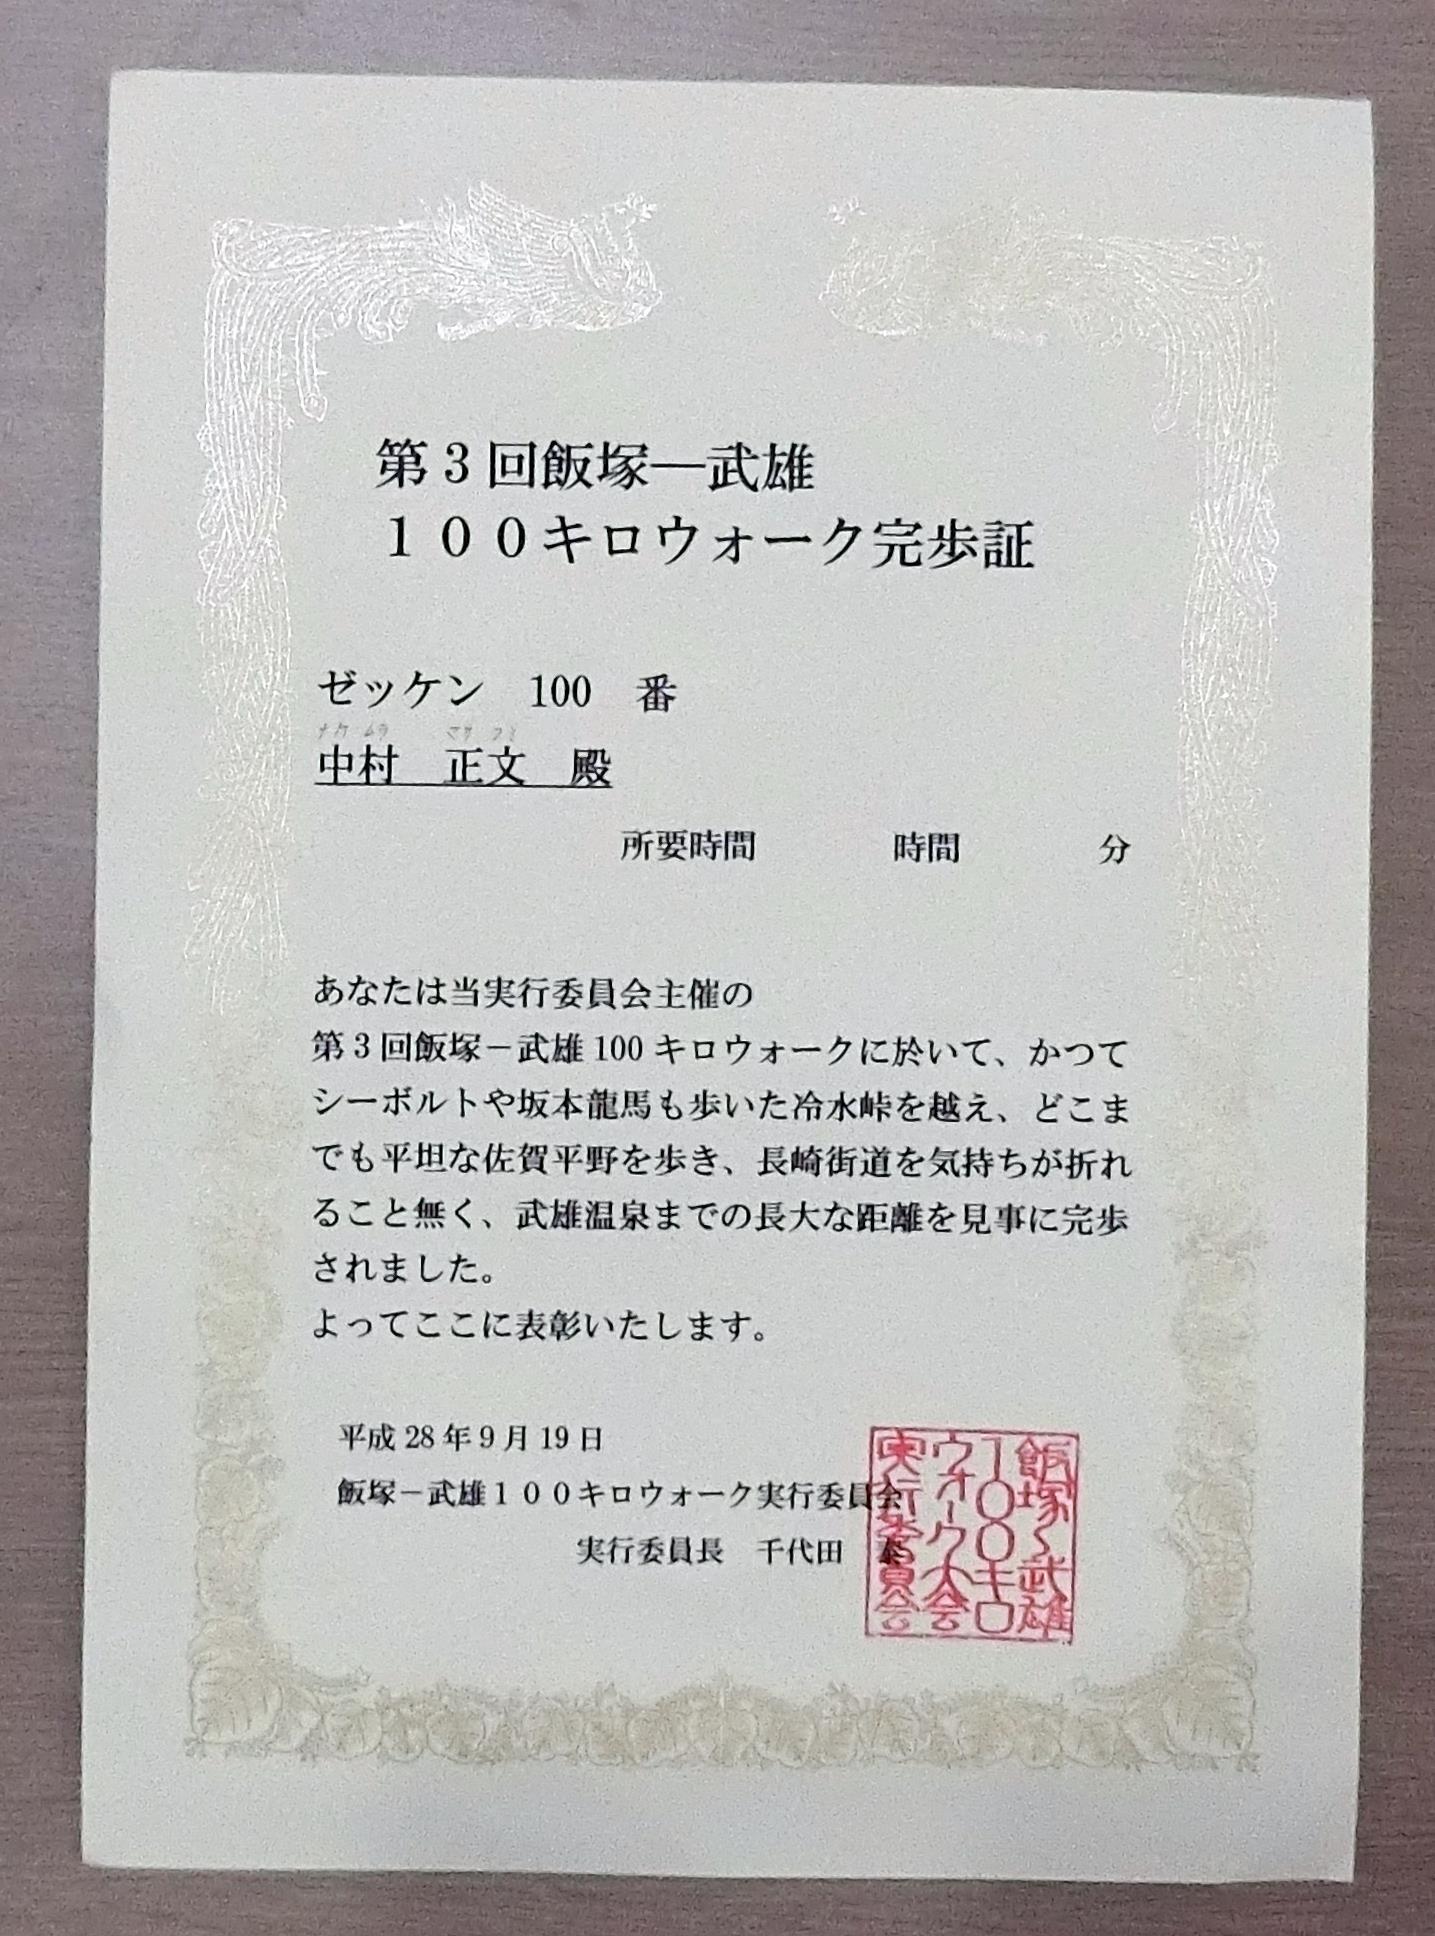 飯塚武雄100キロの参加賞が届きました_e0294183_16580213.jpg